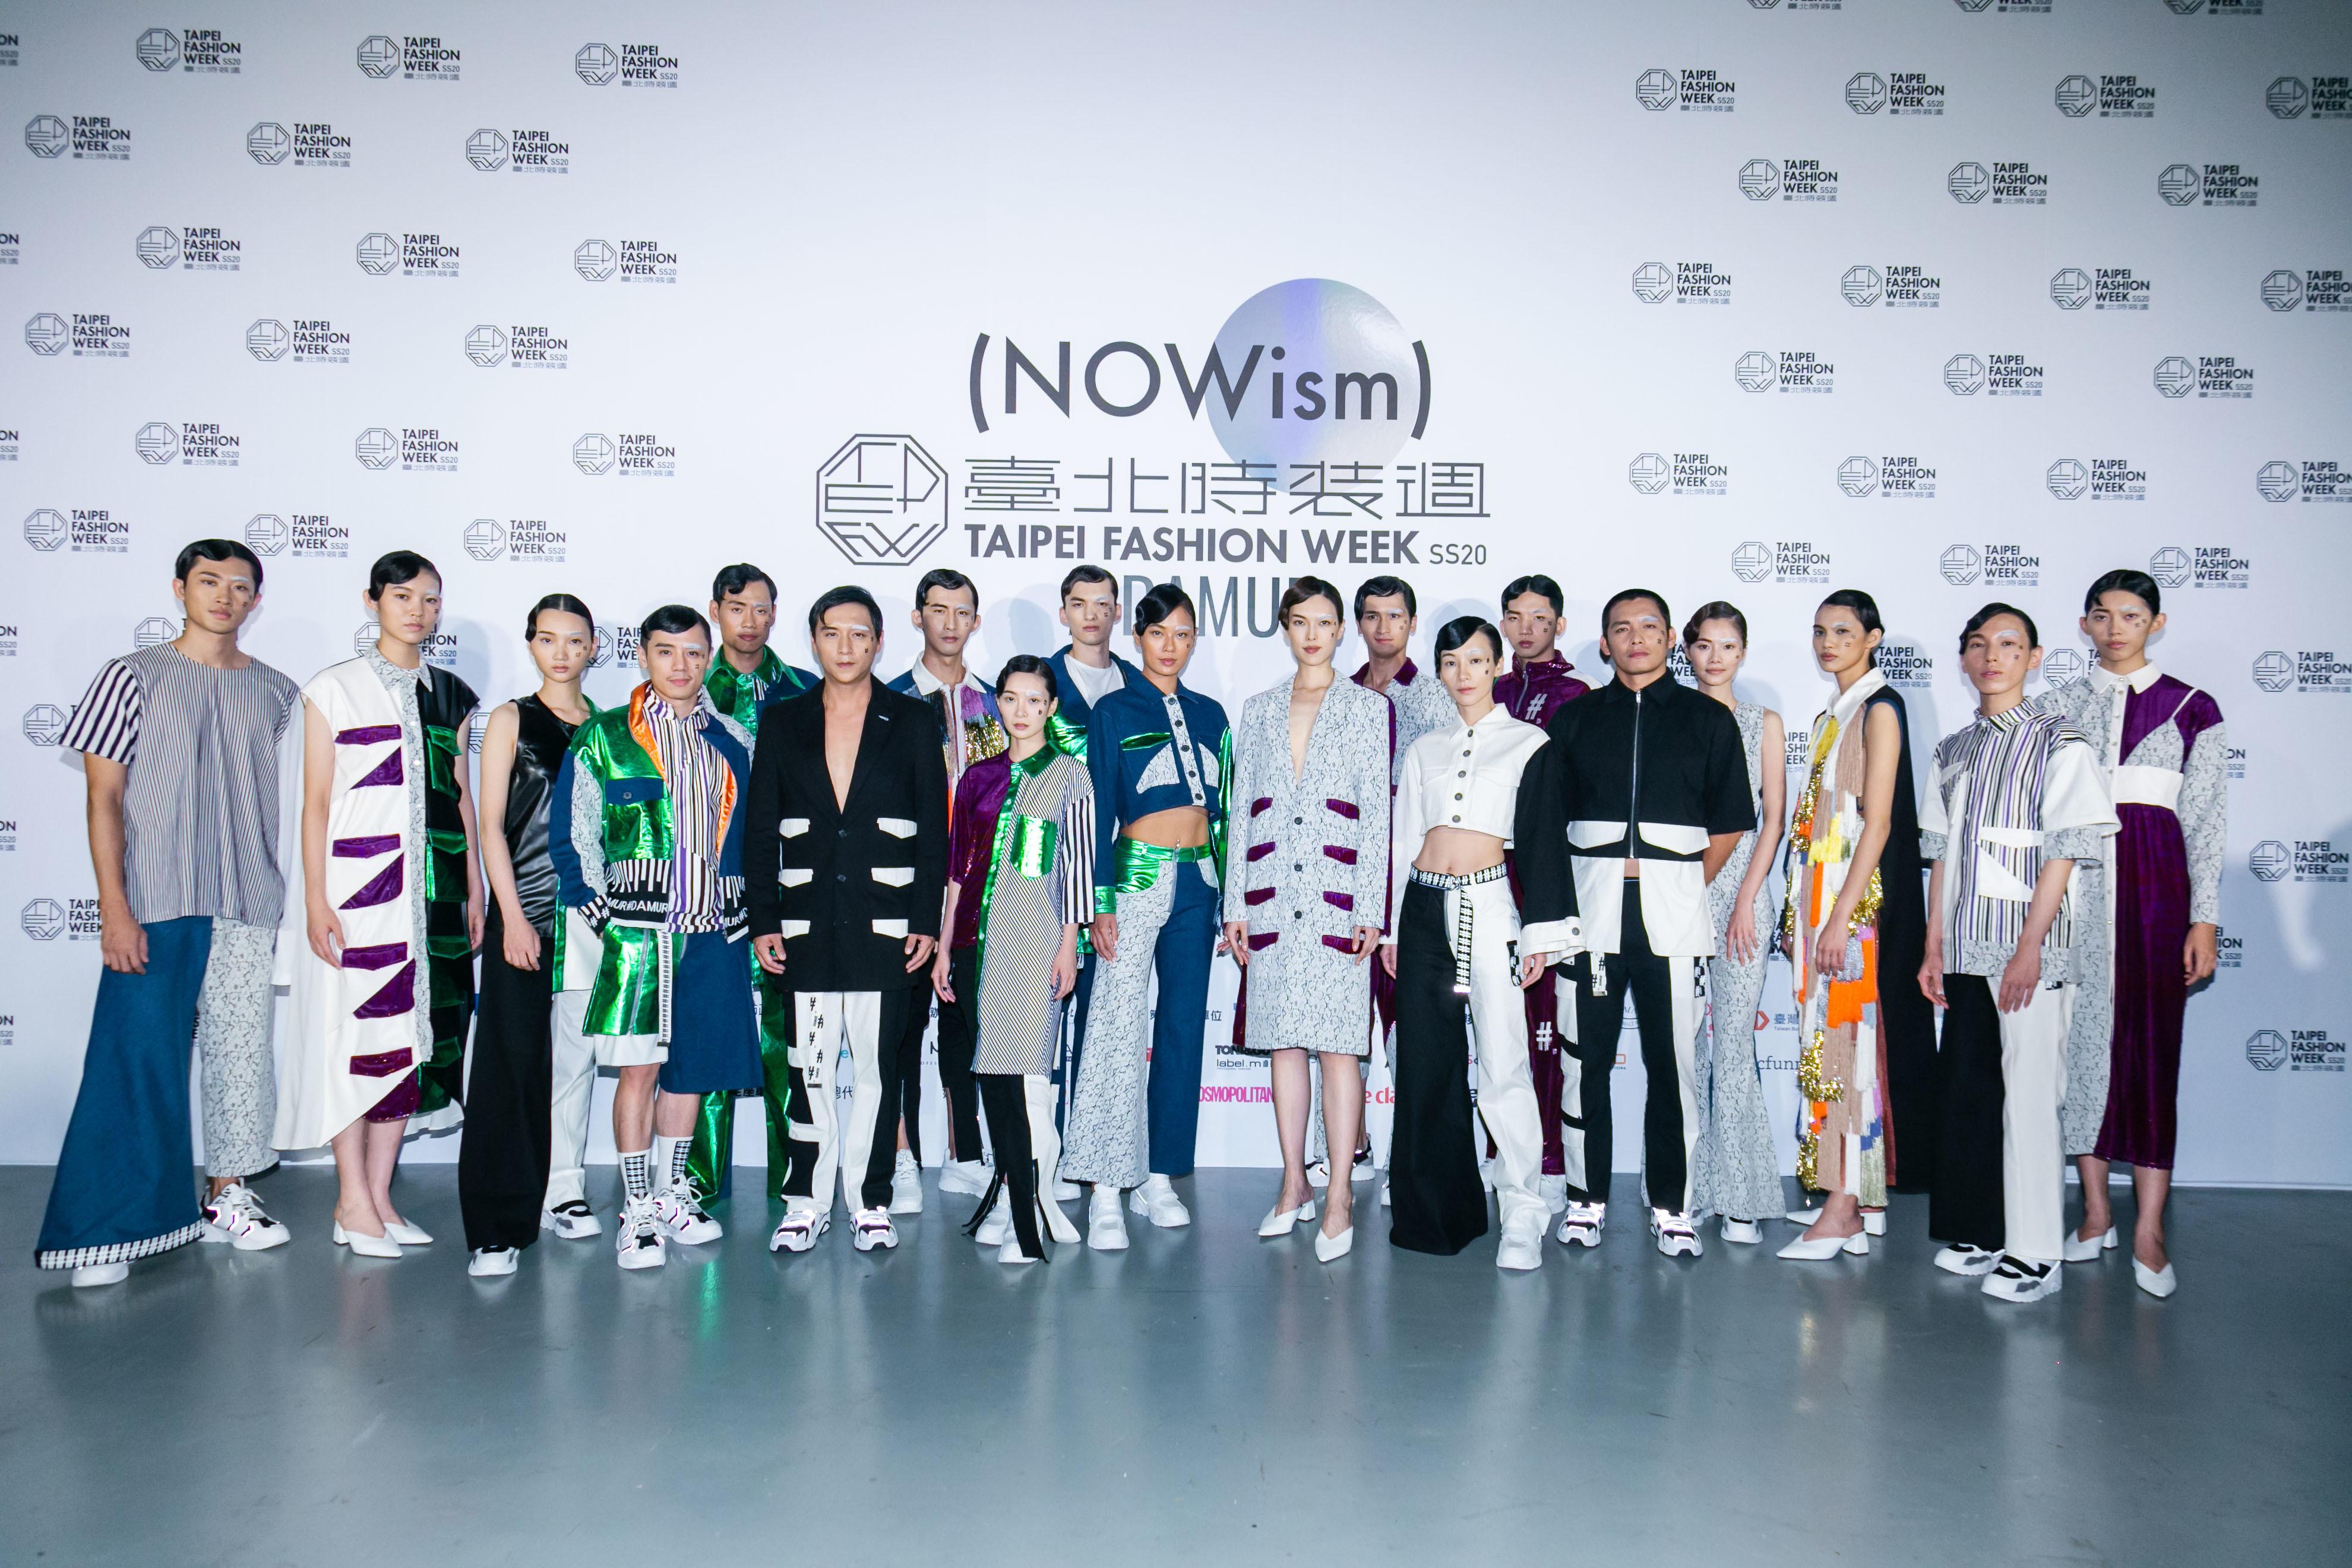 德國新夯時裝品牌 #DAMUR 擁抱自我獨特風格